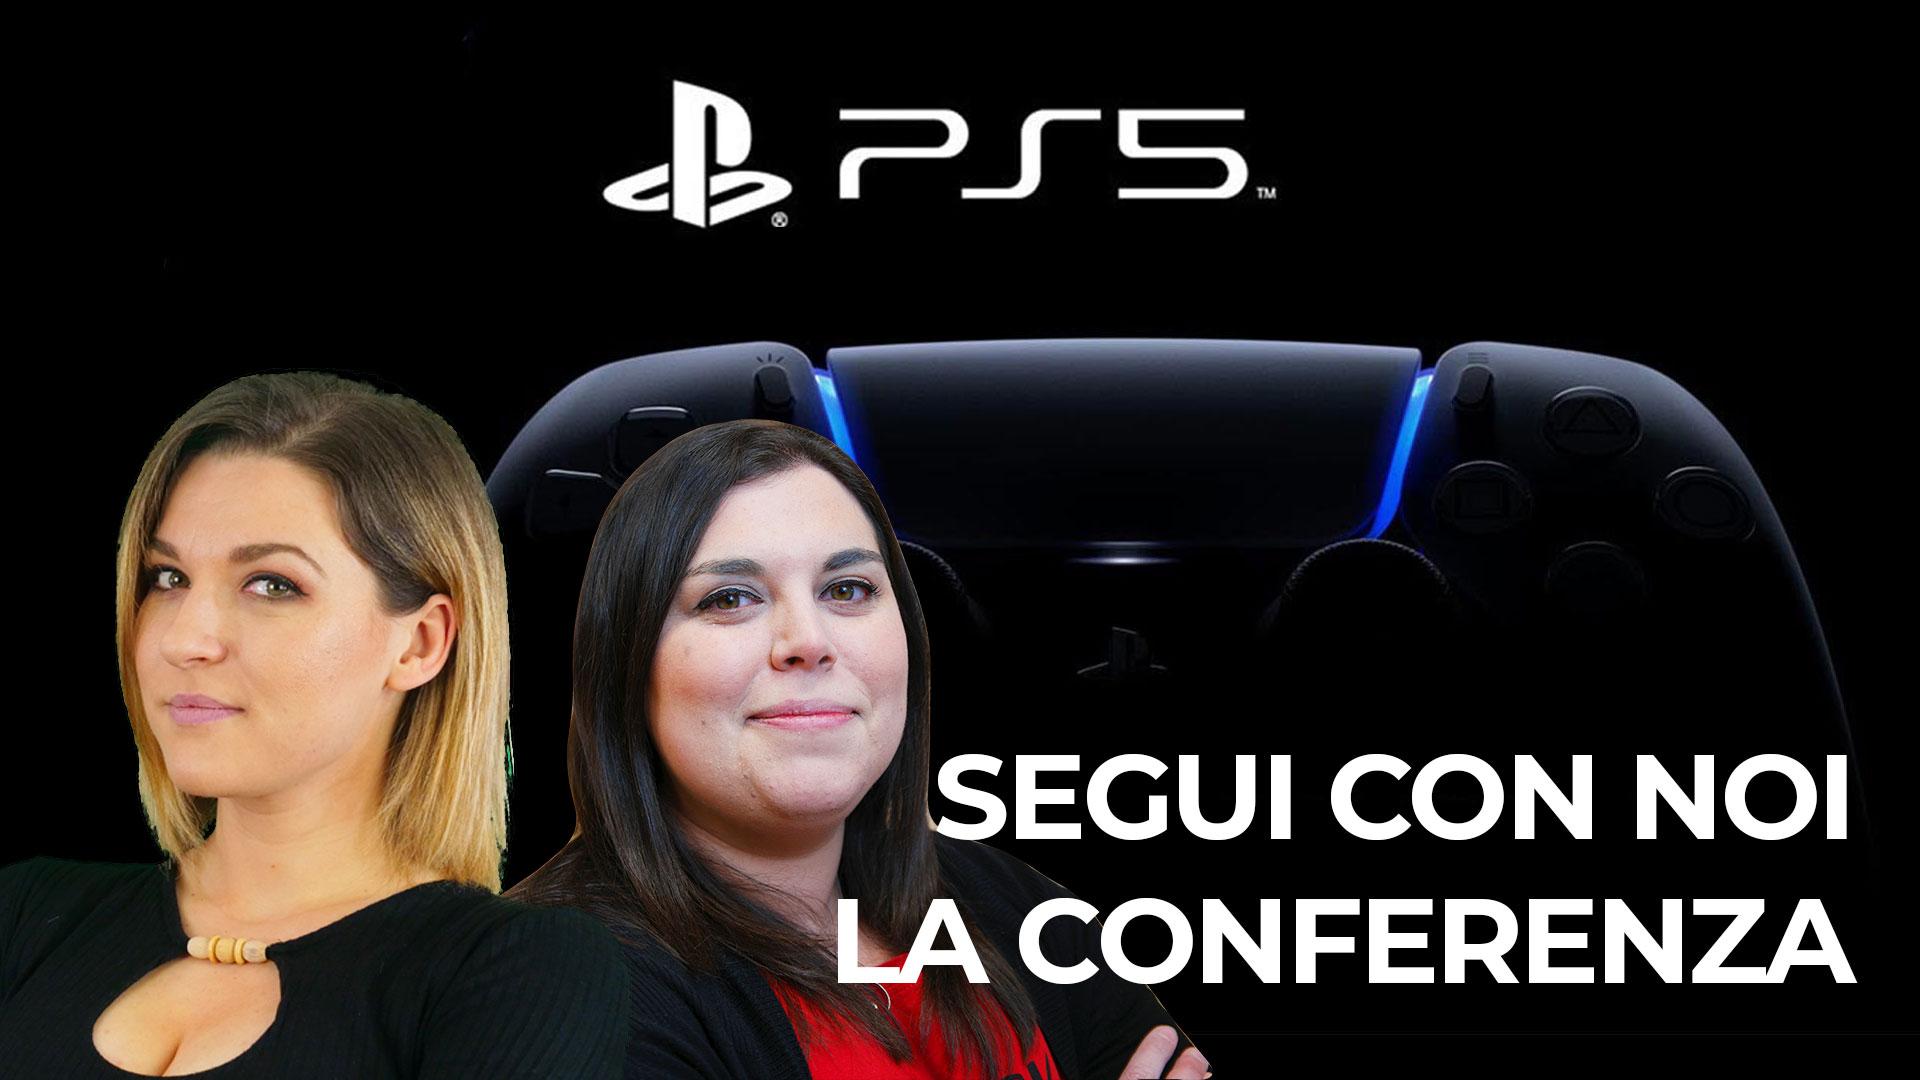 Segui l'evento di presentazione dei videogiochi su PlayStation 5 insieme a TechPrincess thumbnail